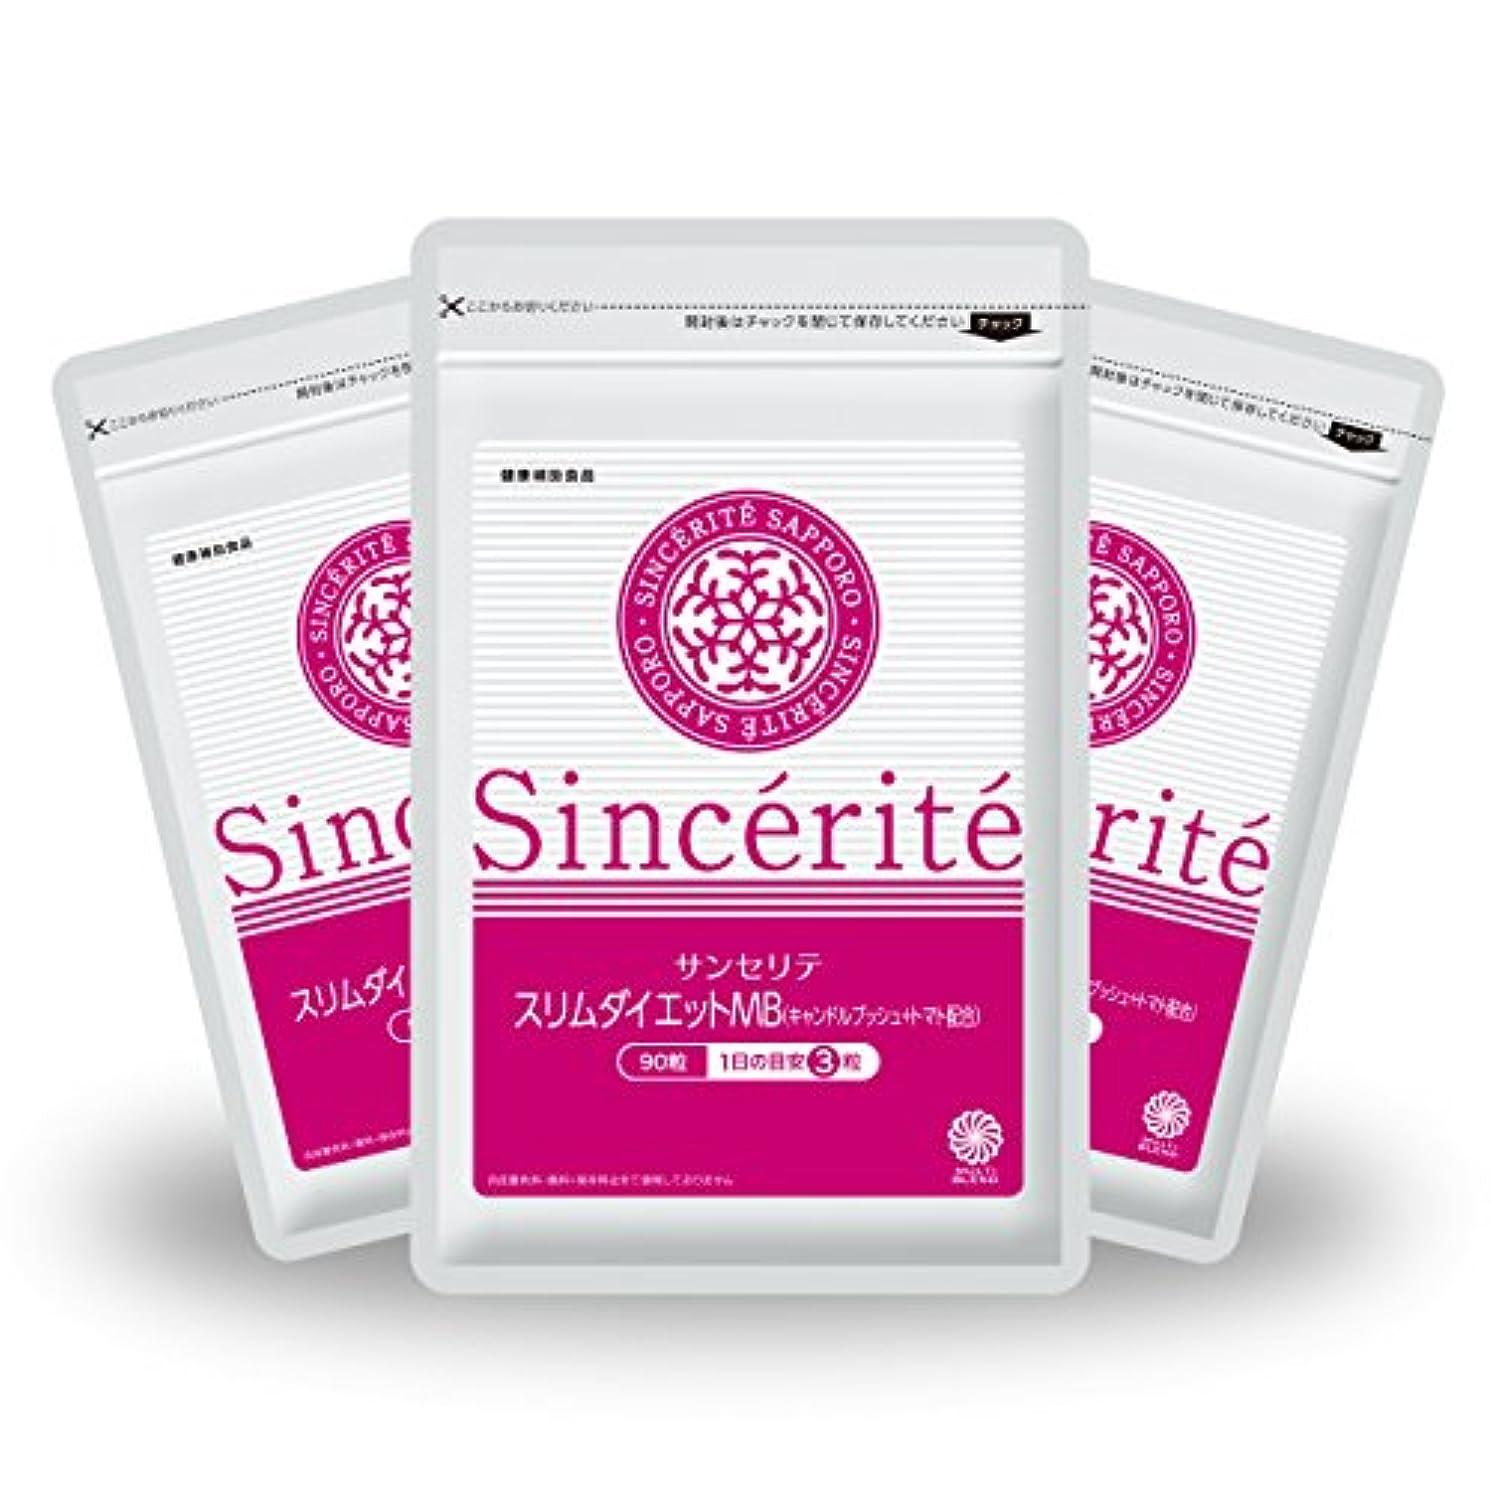 健康的前置詞尊敬するスリムダイエットMB 3袋セット[送料無料][キャンドルブッシュエキス末]300mg配合[国内製造]お得な90日分